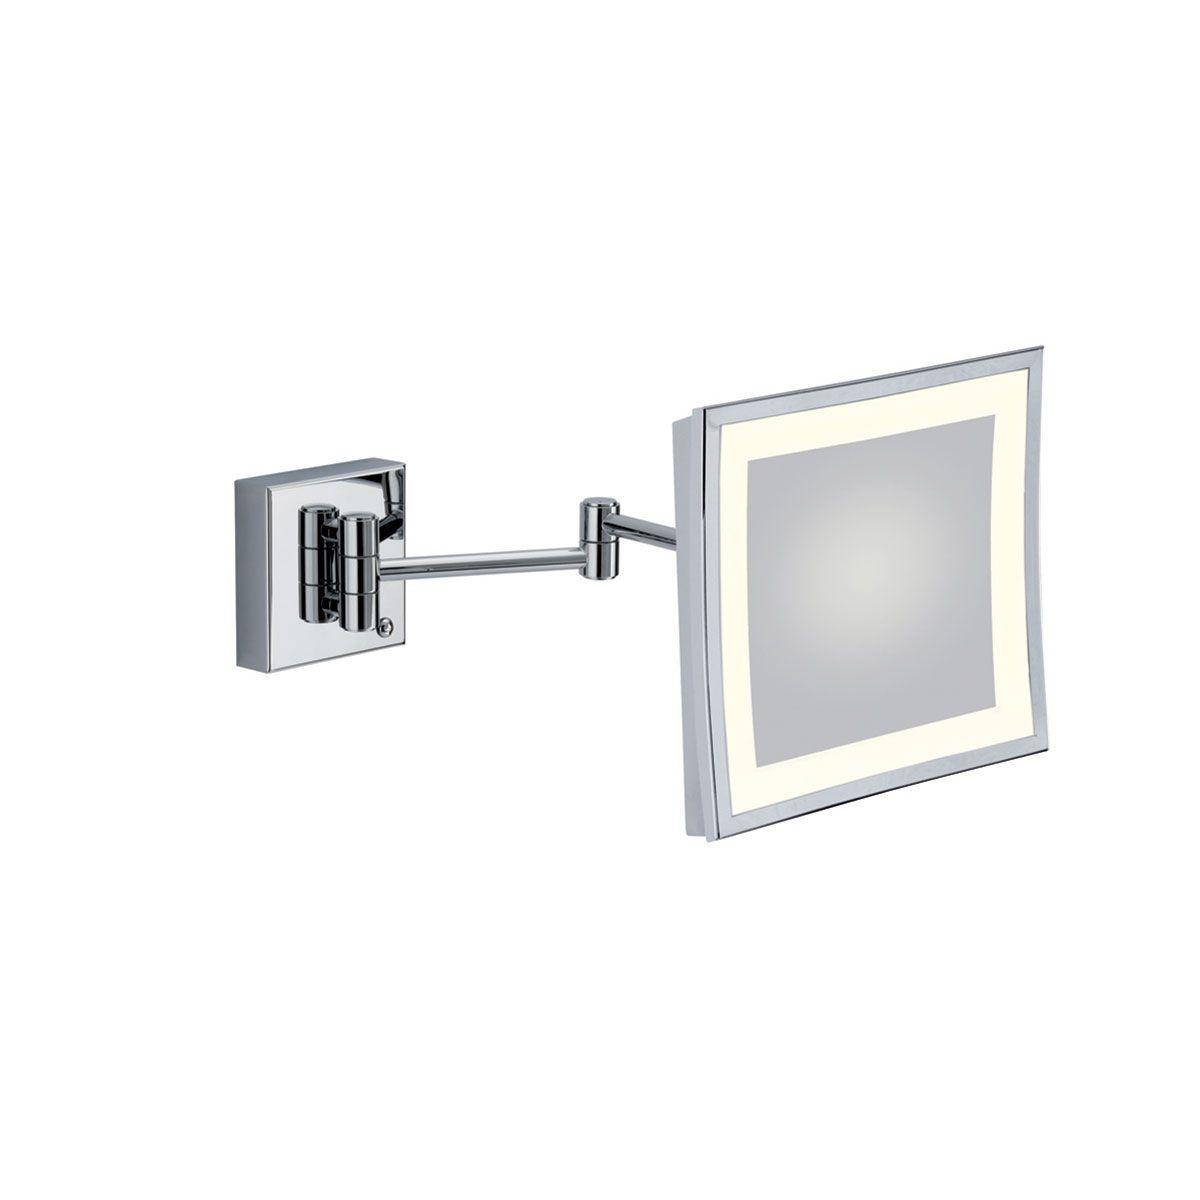 Specchio ingranditore quadrato con luce al led 23 cm bagno associati - Specchio ingranditore ikea ...